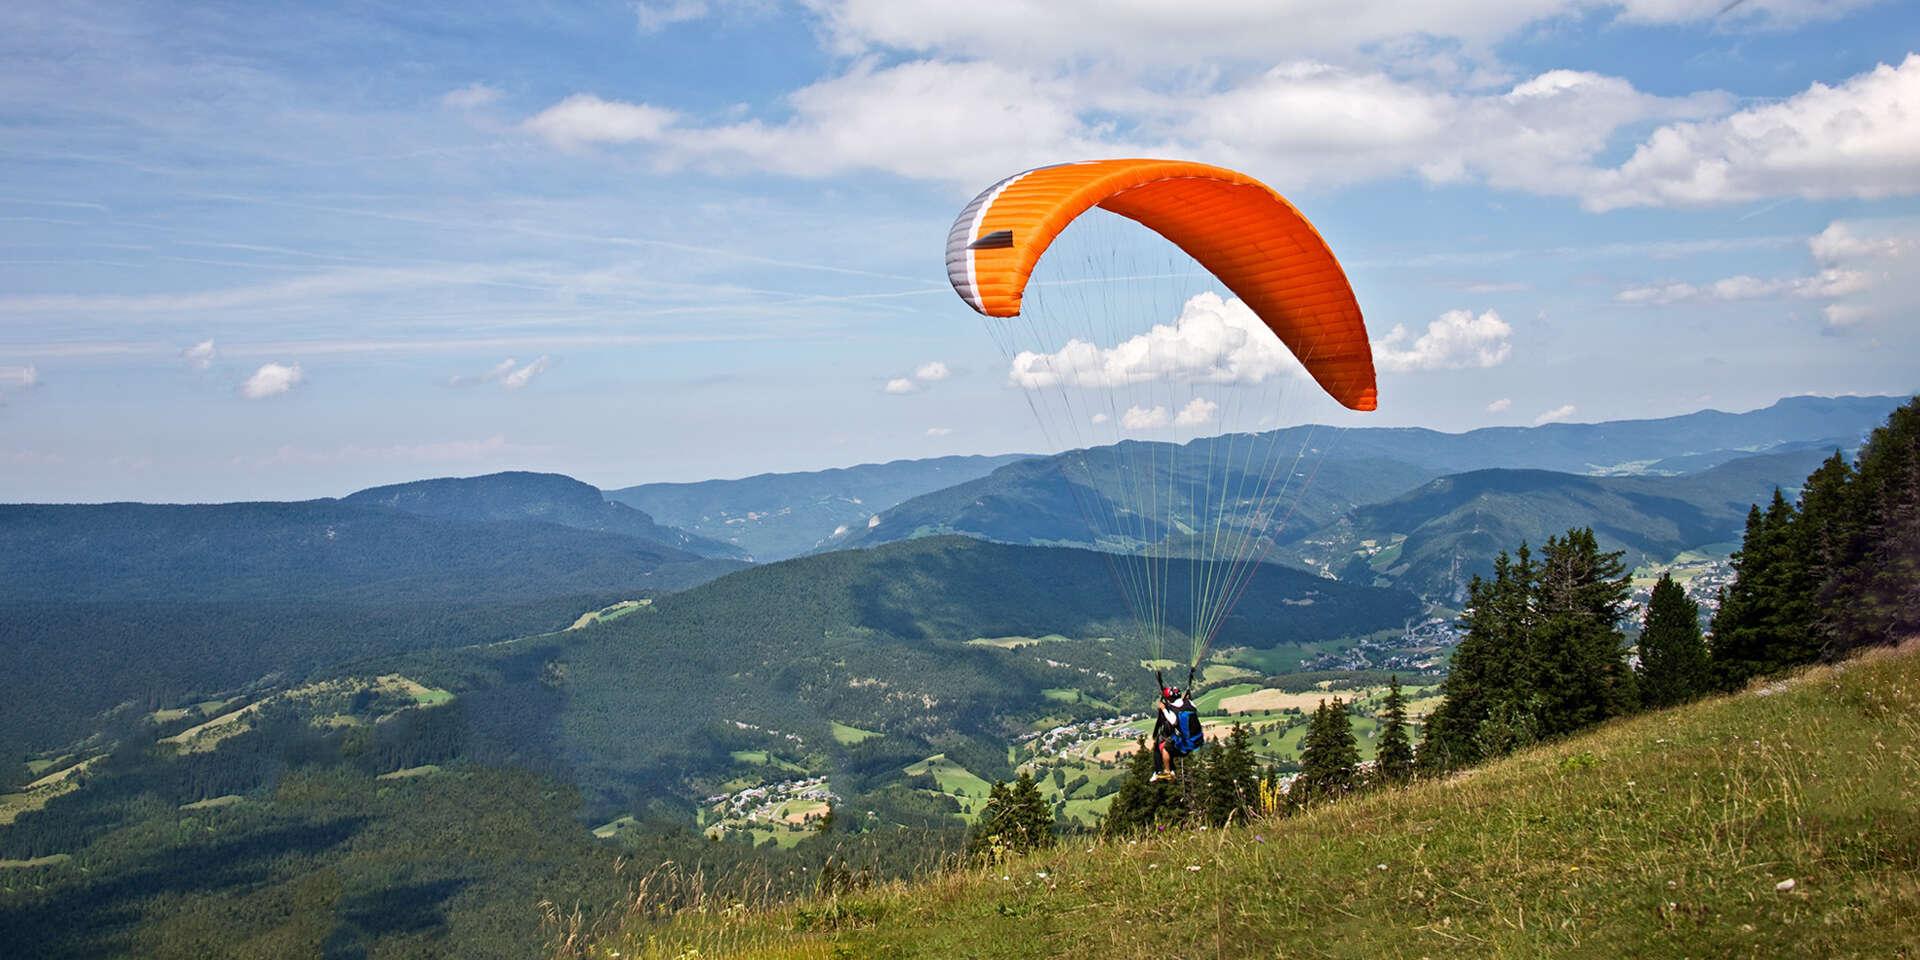 Trojdňový kurz paraglidingu pre 1 alebo 2 osoby v krásnom prostred...